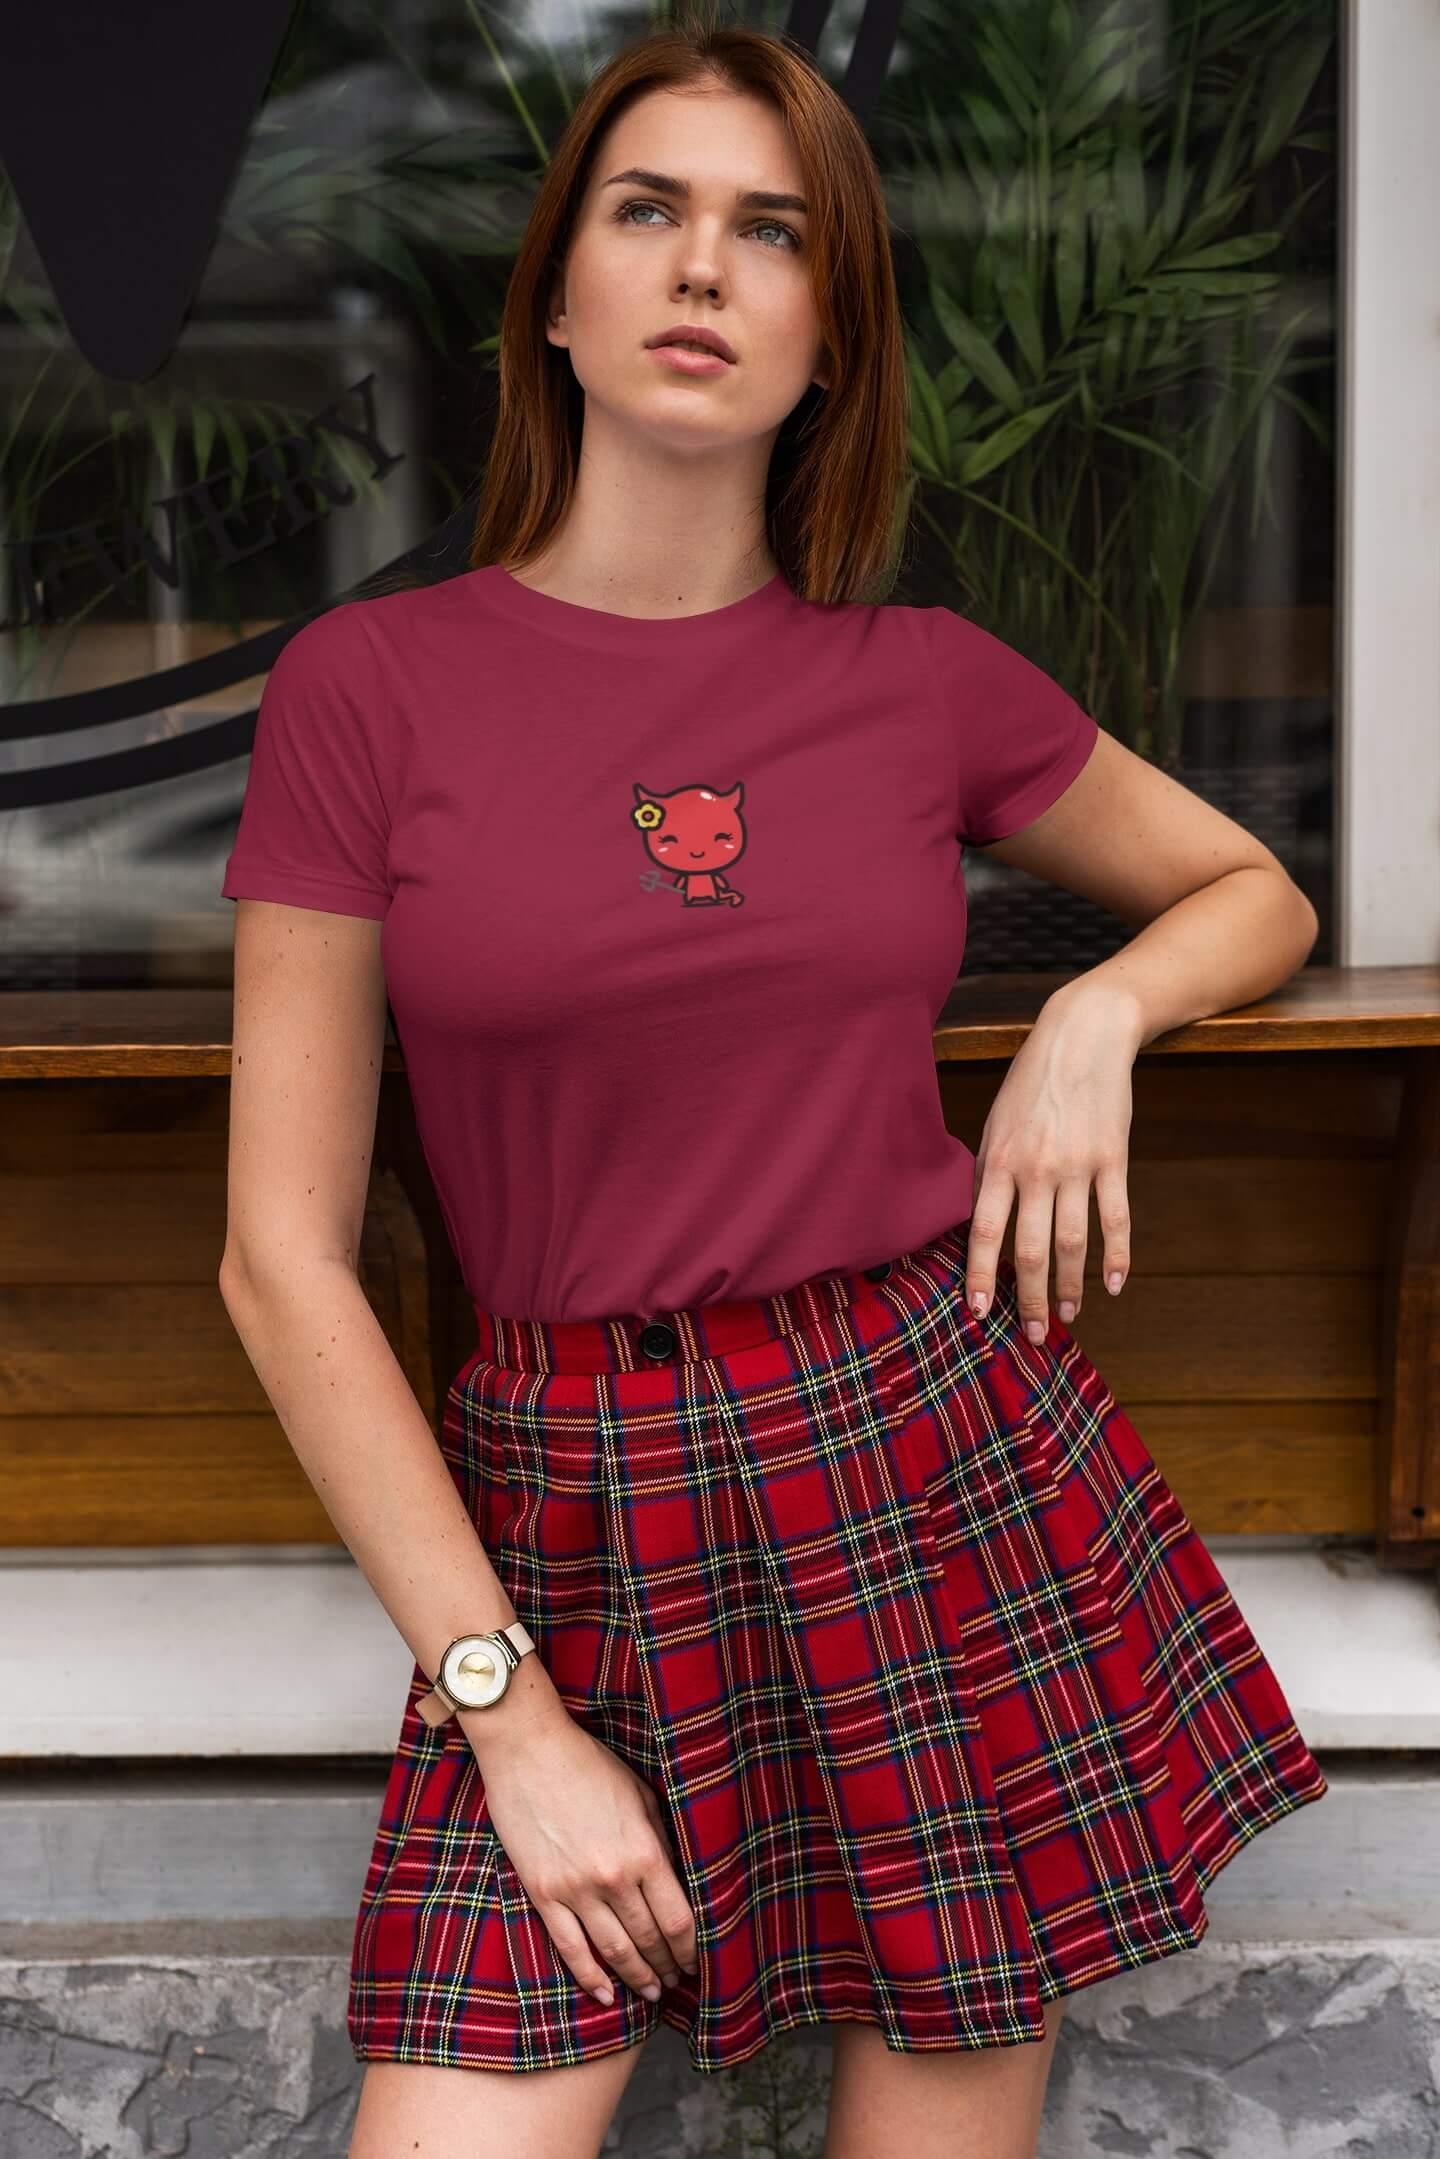 MMO Dámske tričko Čert s kvietkom Vyberte farbu: Marlboro červená, Vyberte veľkosť: XL